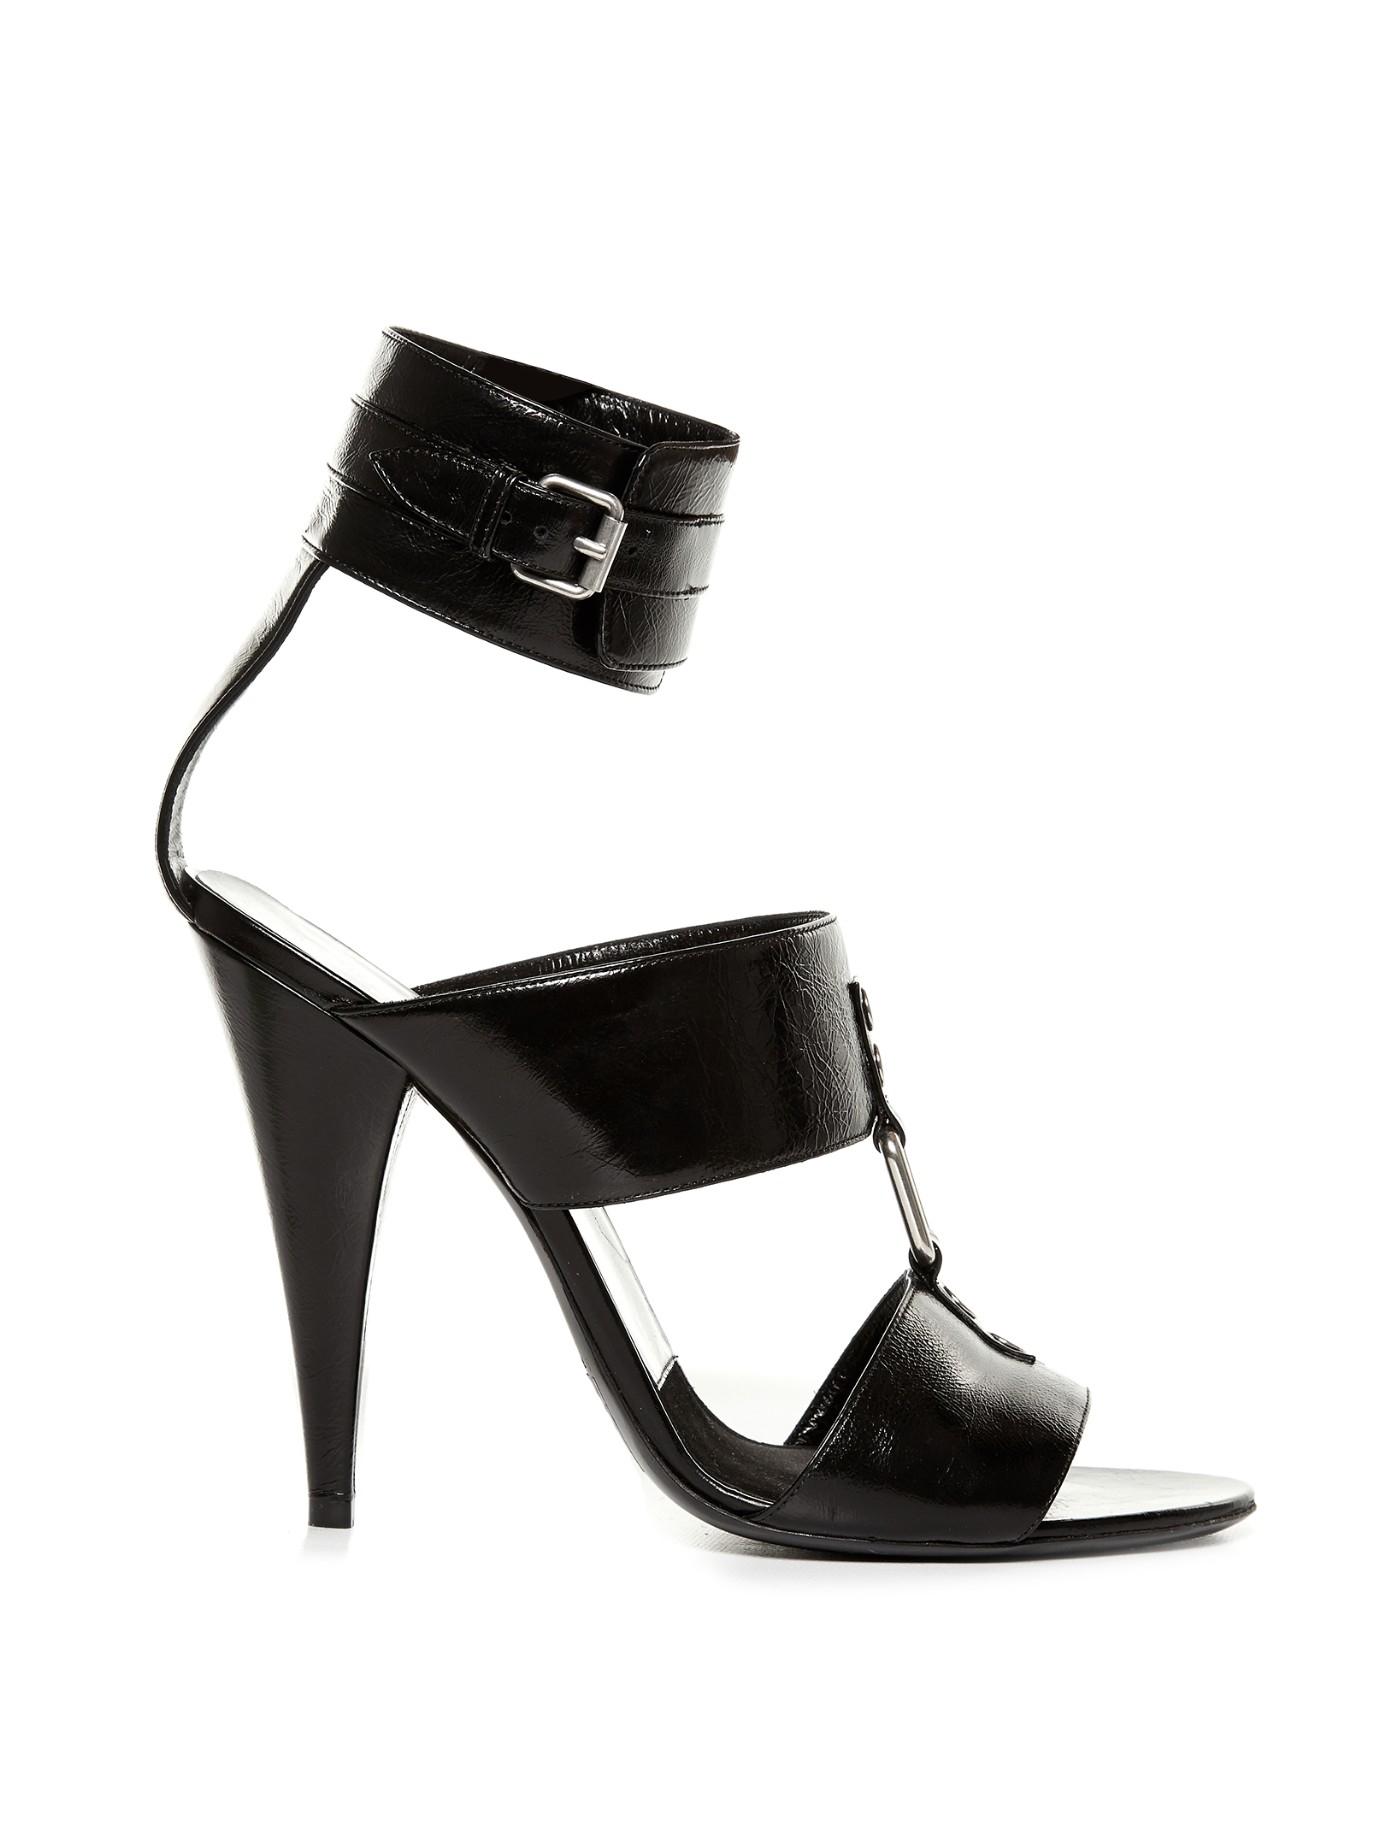 cheap huge surprise Saint Laurent Multistrap Stud Sandals shop for cheap online DCBaPaDDs3